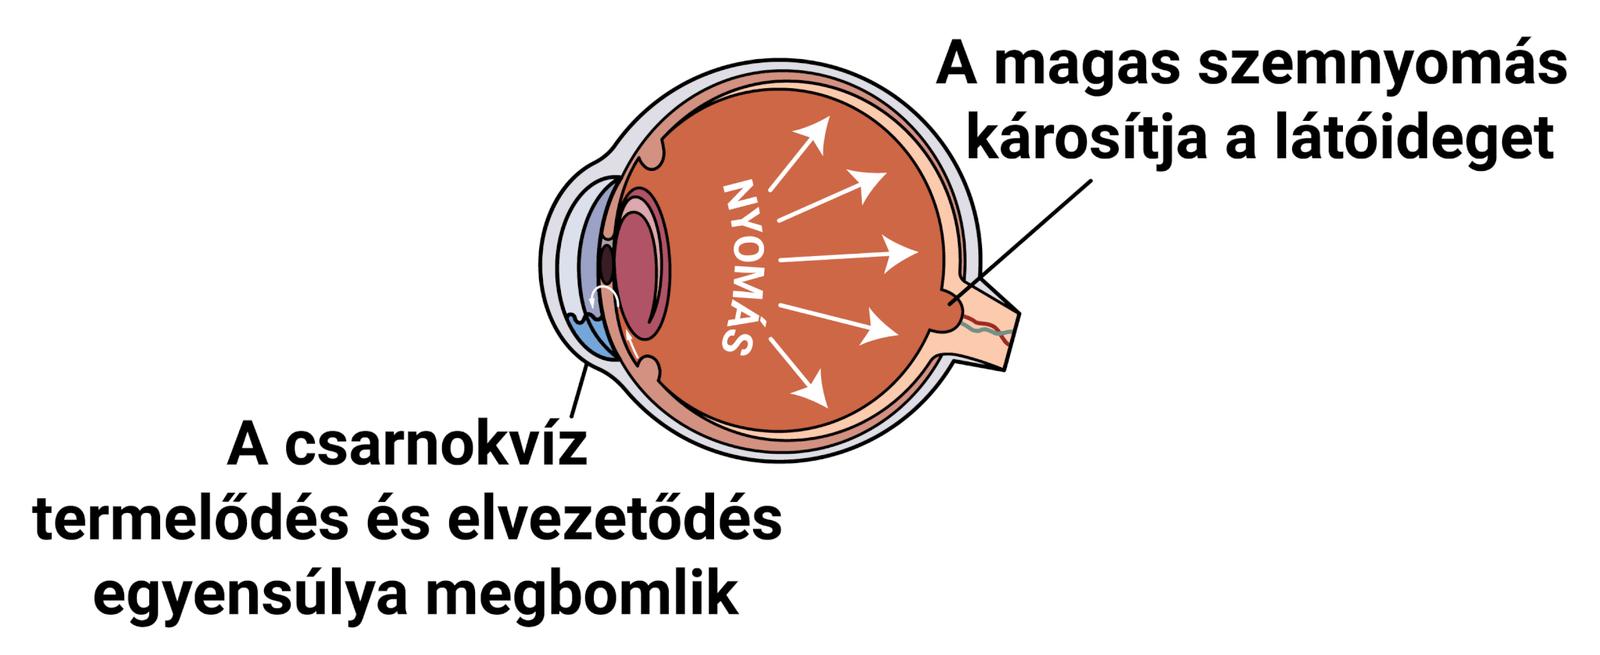 látásvesztés agyrázkódással